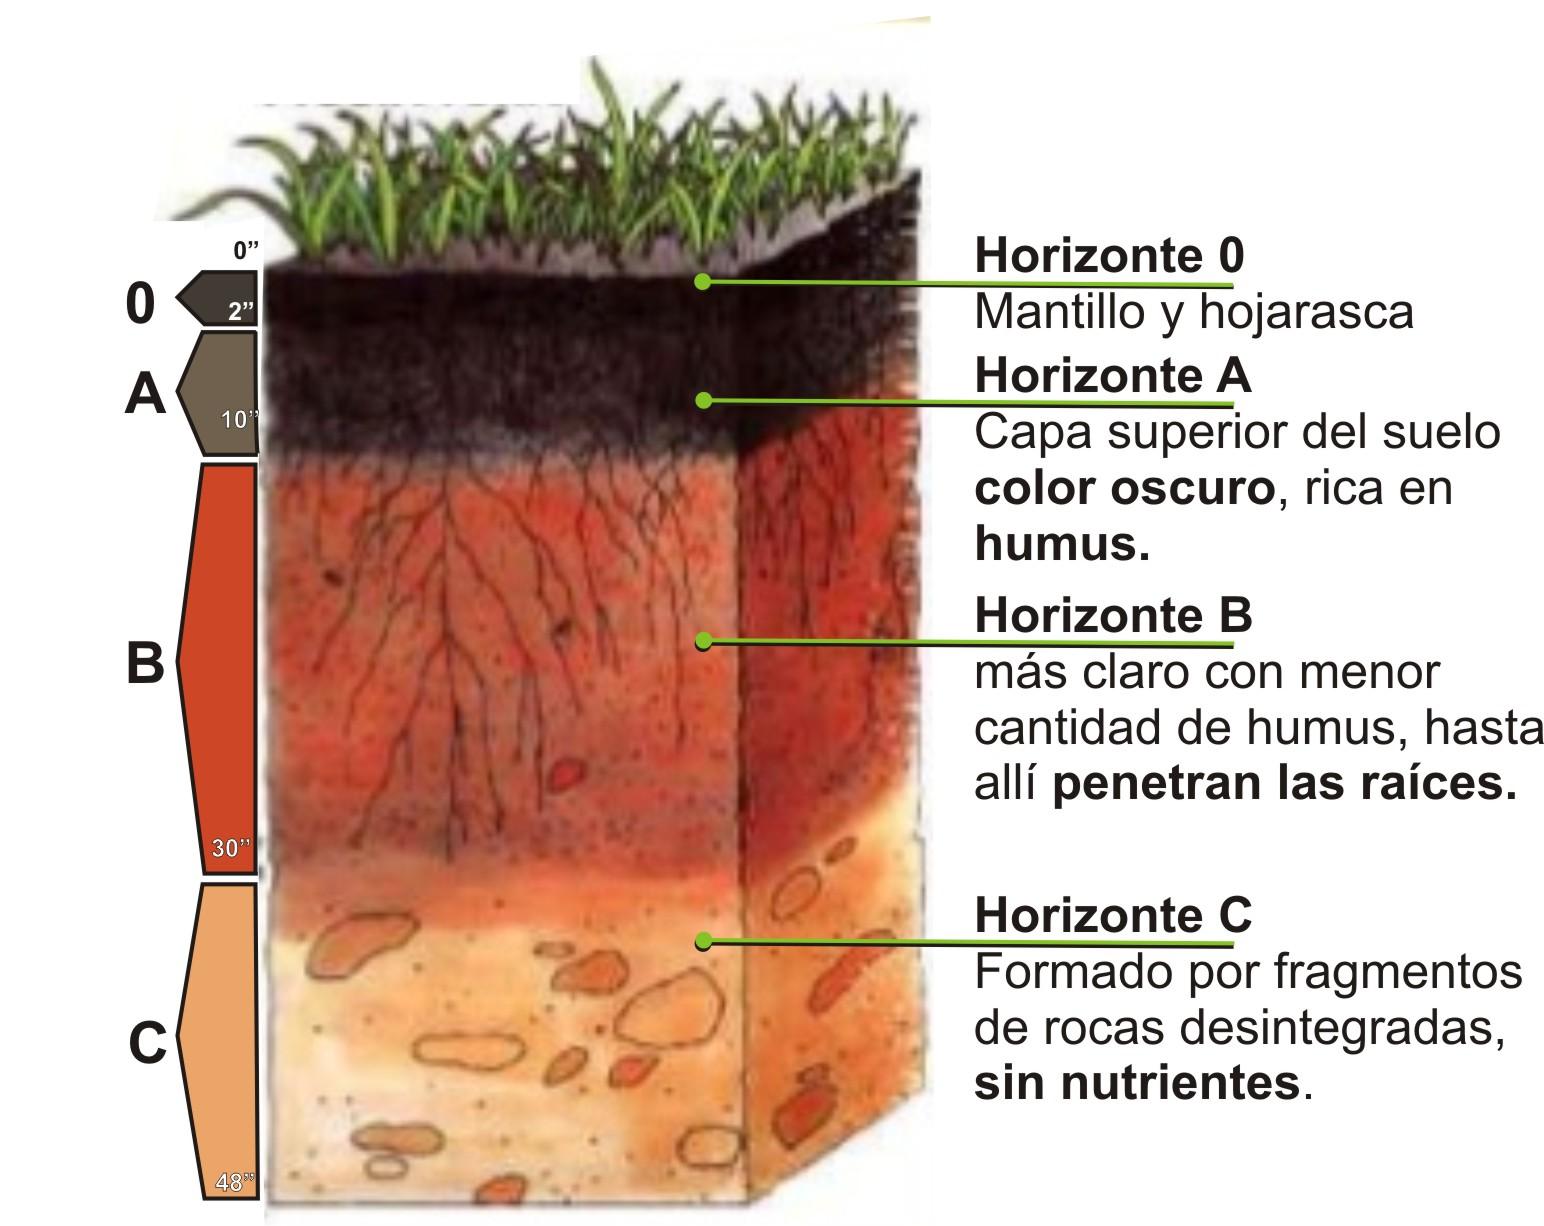 Educaci n ambiental el suelo gobierno de la ciudad de for Que elementos conforman el suelo